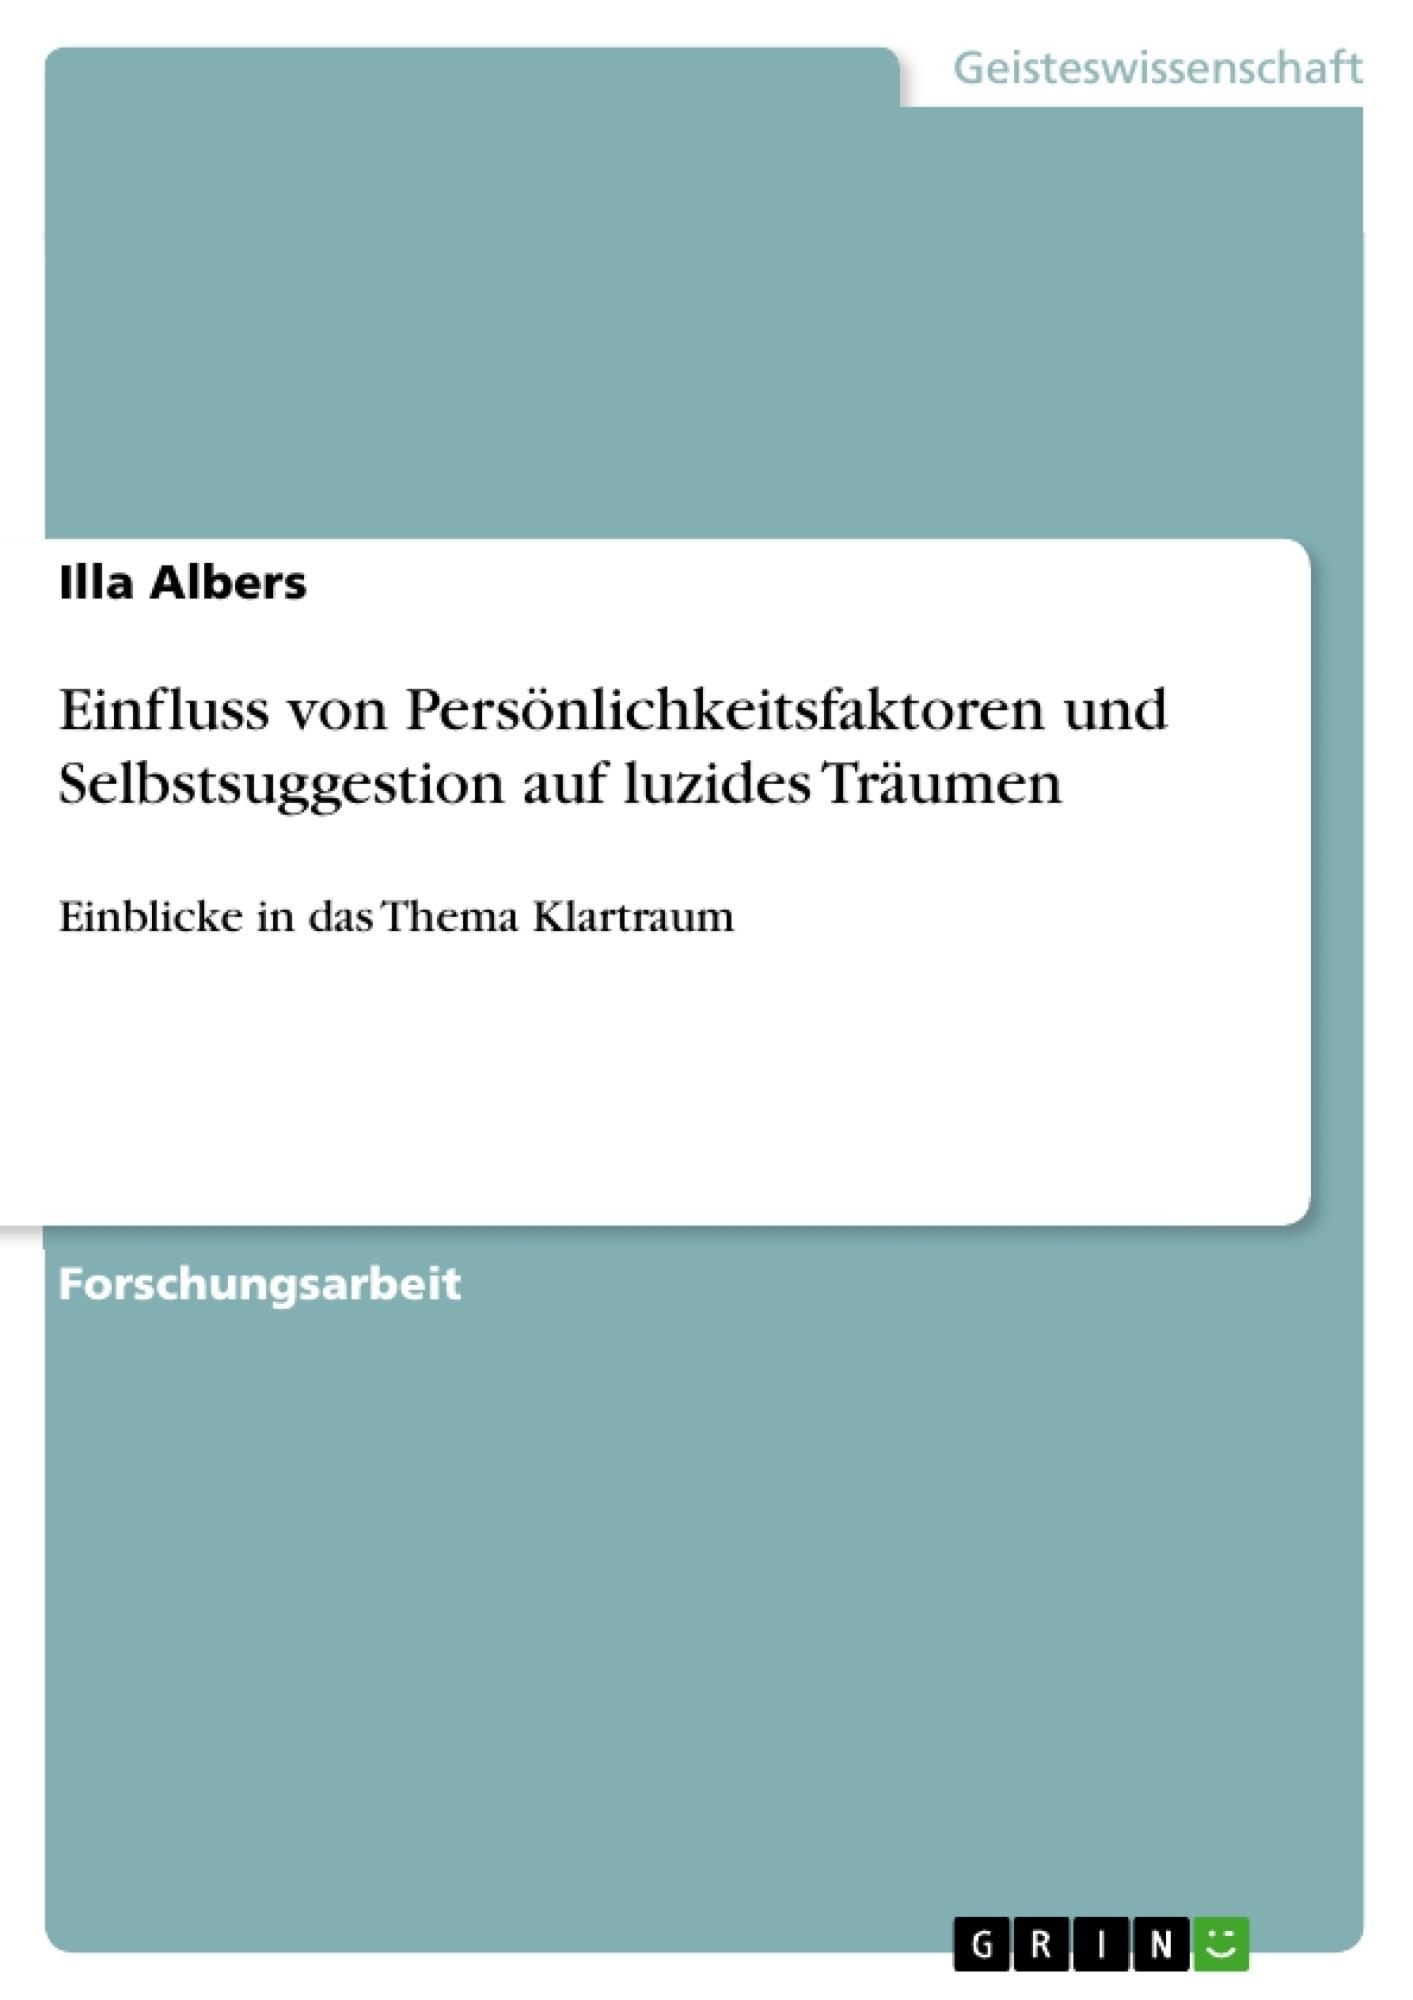 Titel: Einfluss von Persönlichkeitsfaktoren und Selbstsuggestion auf luzides Träumen